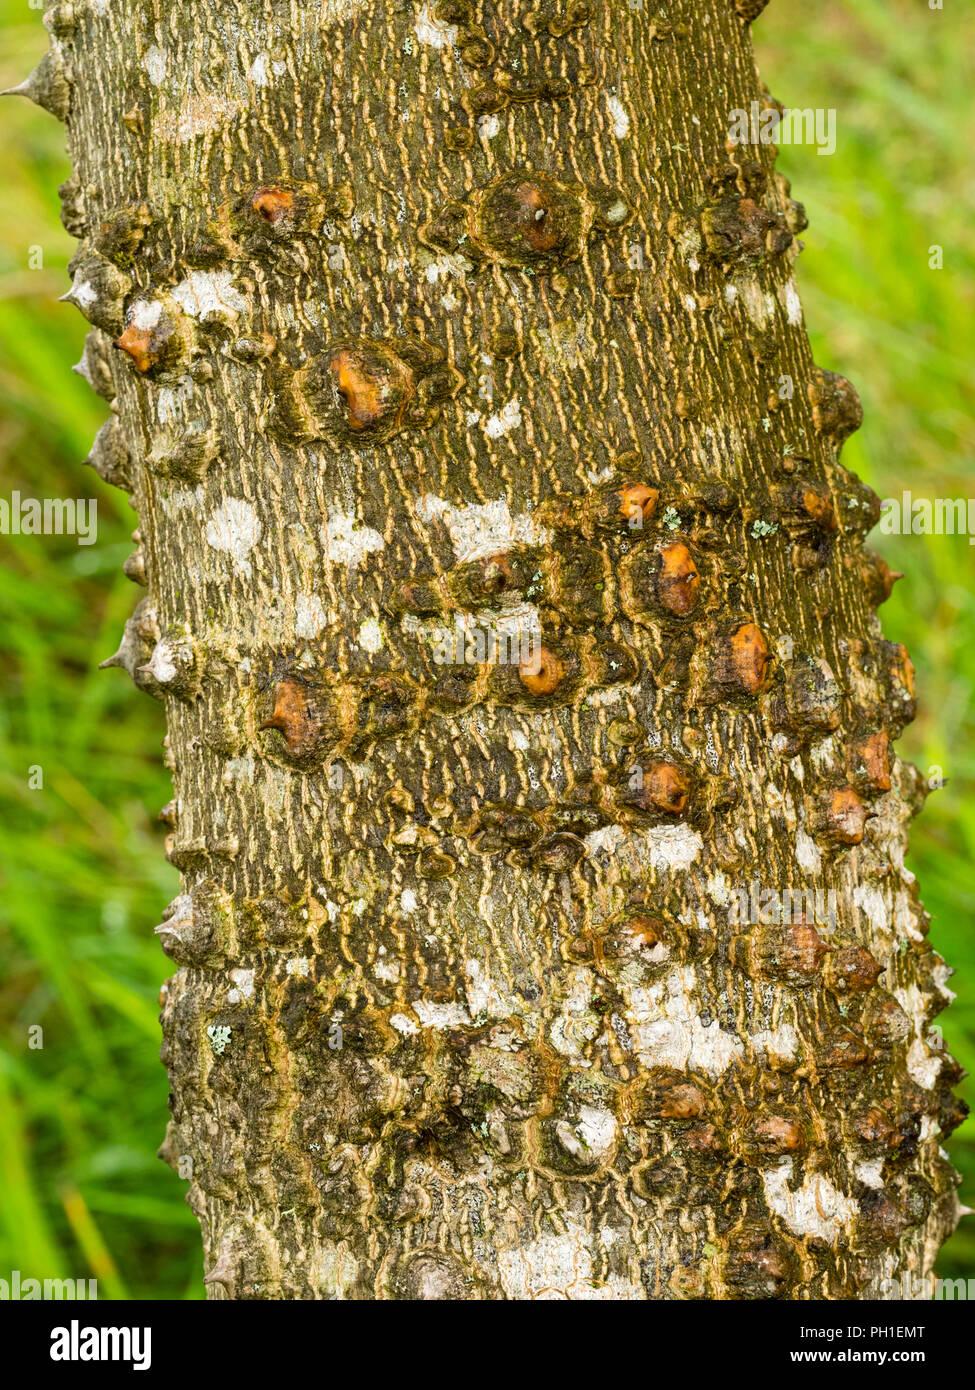 Warzige Rinde der Winterharte stachelige Esche Zanthoxylum ailanthoides Stockbild